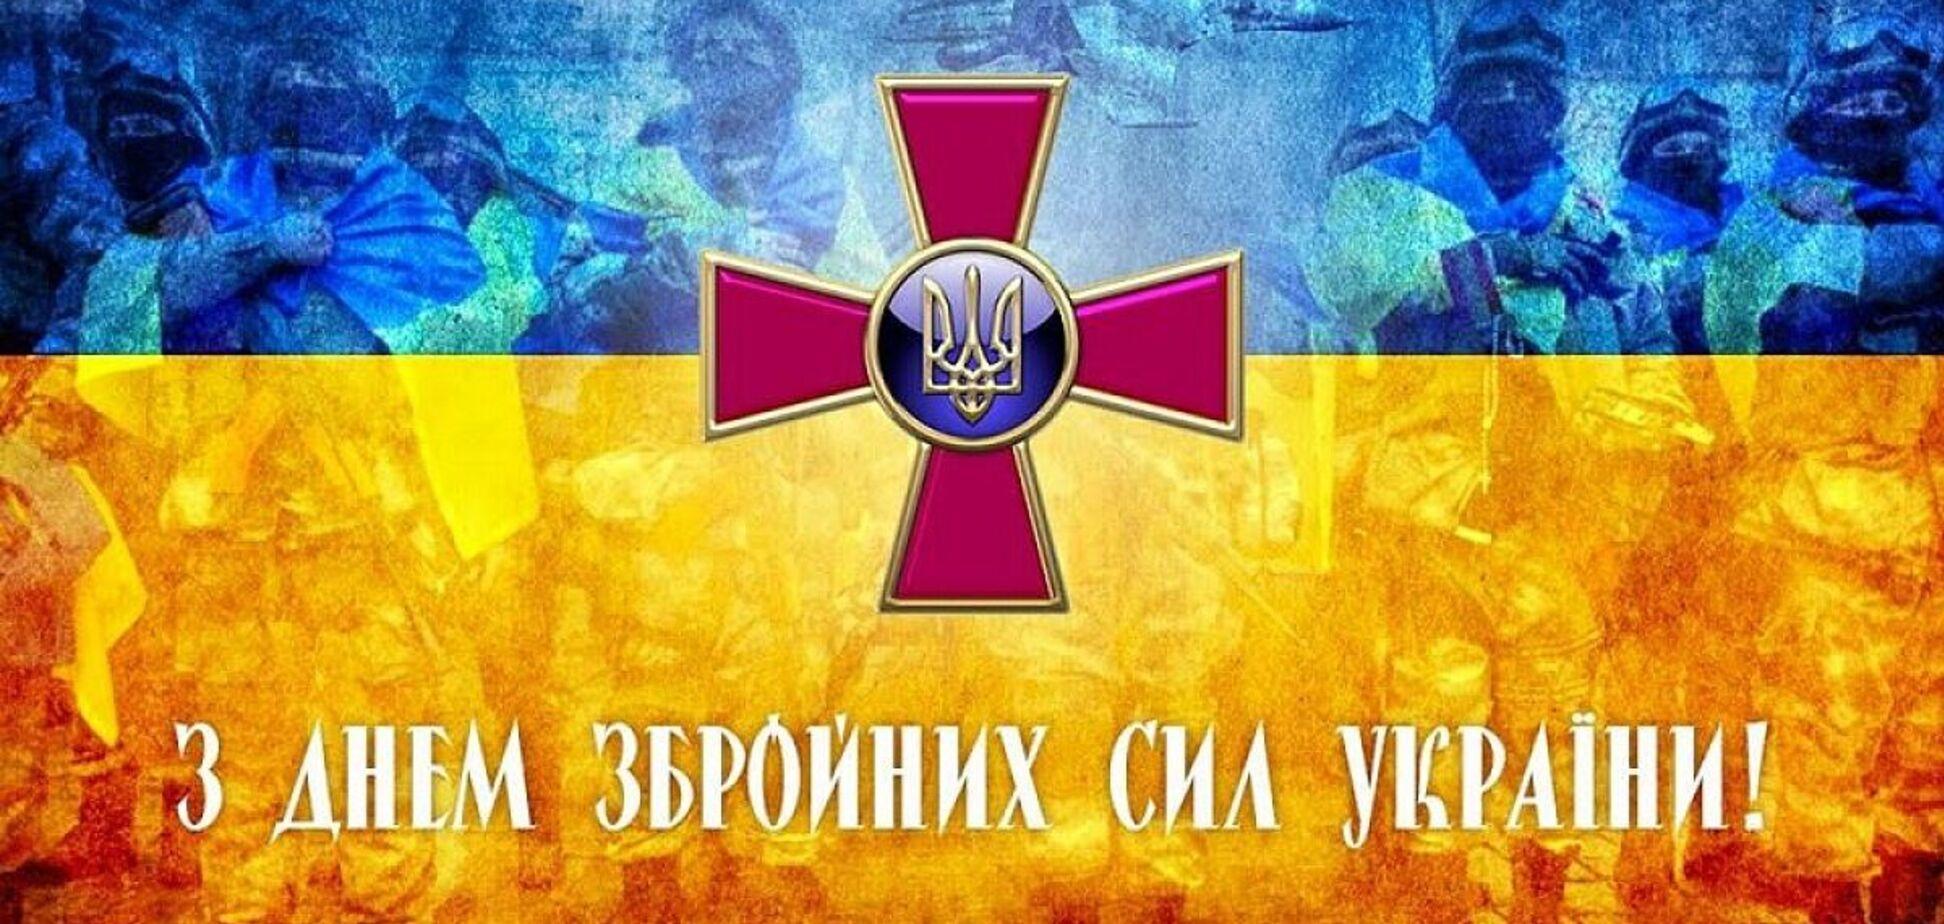 6 декабря в Украине отмечают День Вооруженных сил